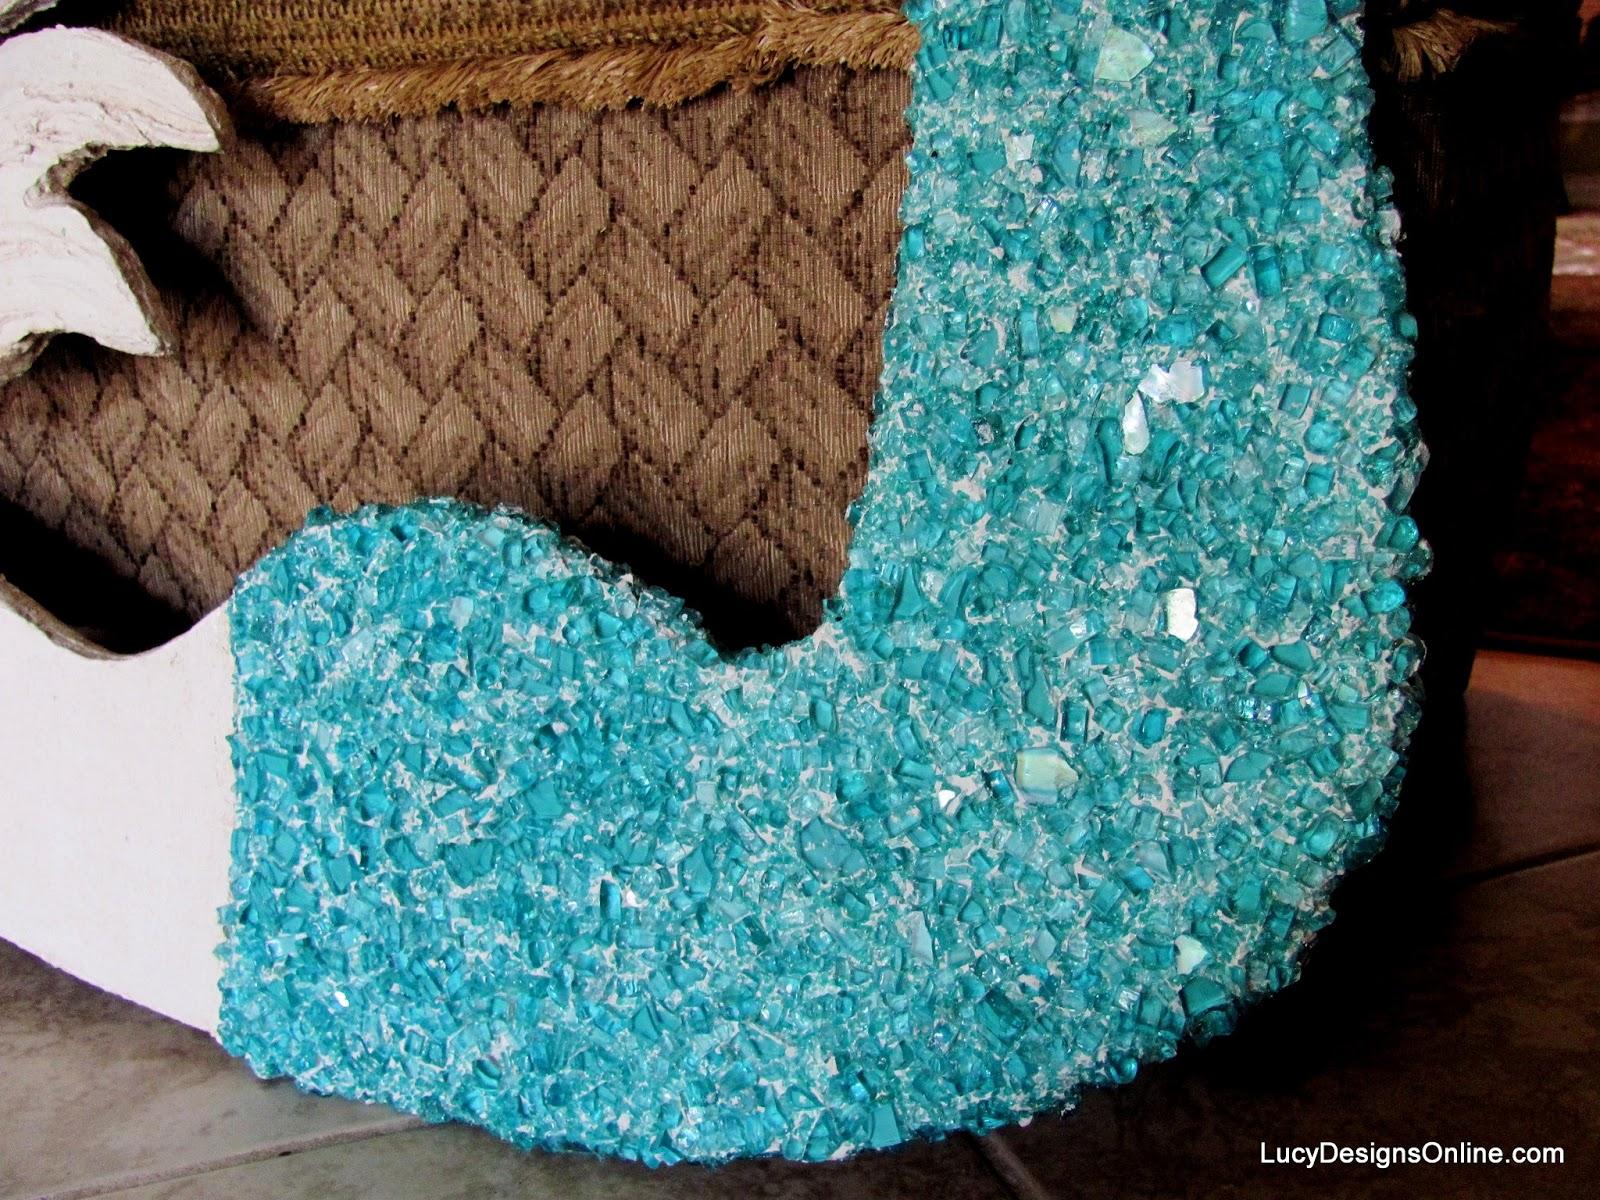 crushed glass mermaid art